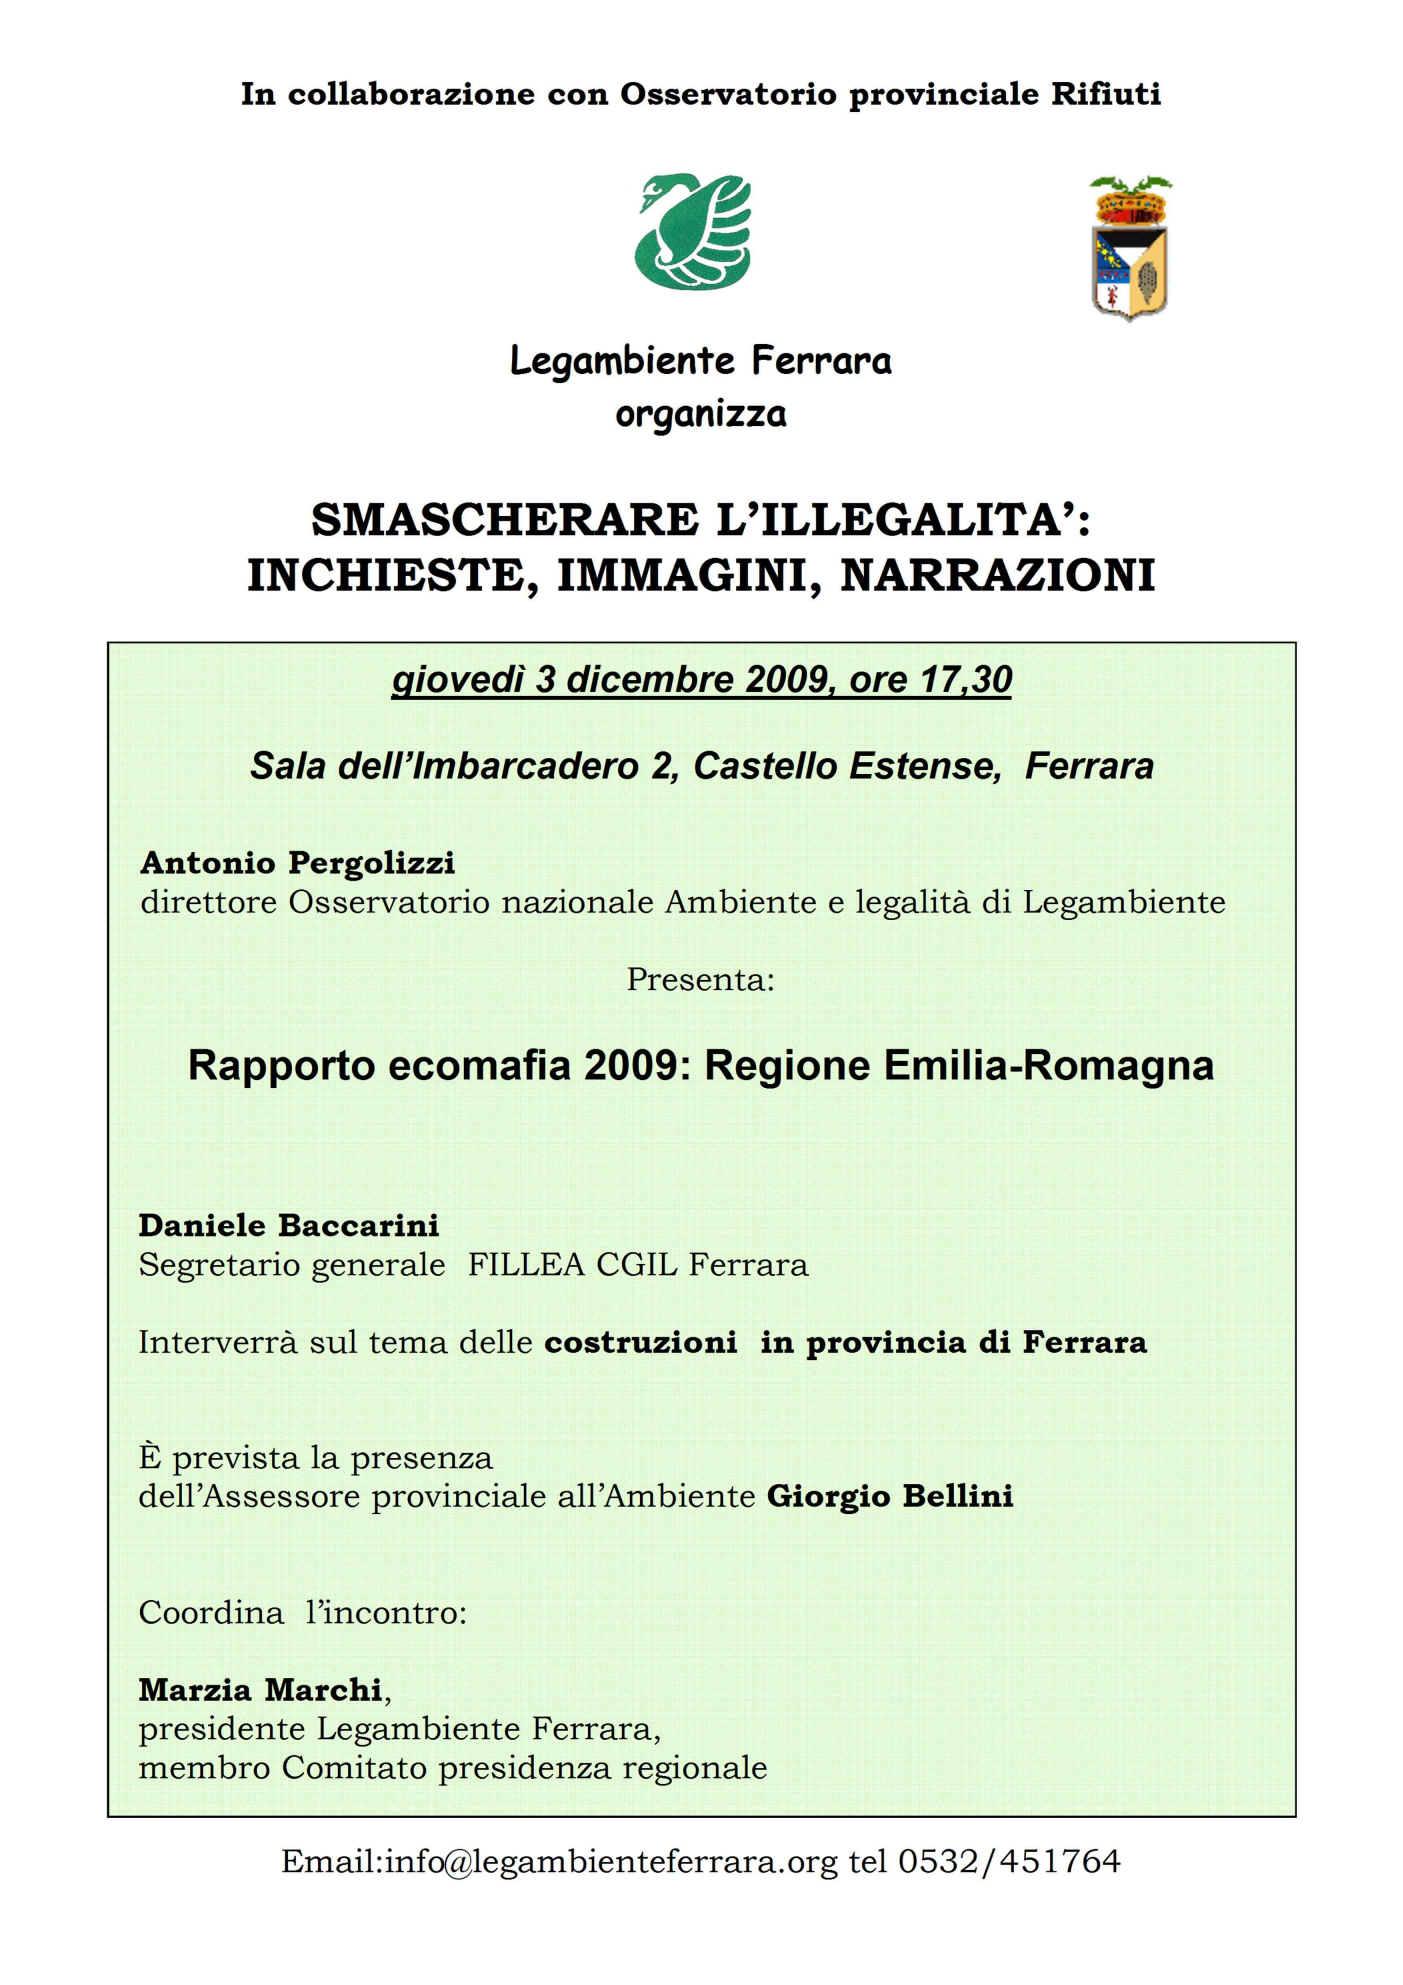 """<div class=""""at-above-post-cat-page addthis_tool"""" data-url=""""http://www.verdi.ferrara.it/sito/2009/12/02/si-parla-di-ecomafie/""""></div>Domani Legambiente Ferrara parla di ecomafie, l'appuntamento è GIOVEDI' 3 DICEMBRE 2009 alle ORE 17.30 presso la sala dell'IMBARCADERO 2 DEL CASTELLO ESTENSE A FERRARA. Da Estense.com. Il Tour No […]<!-- AddThis Advanced Settings above via filter on get_the_excerpt --><!-- AddThis Advanced Settings below via filter on get_the_excerpt --><!-- AddThis Advanced Settings generic via filter on get_the_excerpt --><!-- AddThis Share Buttons above via filter on get_the_excerpt --><!-- AddThis Share Buttons below via filter on get_the_excerpt --><div class=""""at-below-post-cat-page addthis_tool"""" data-url=""""http://www.verdi.ferrara.it/sito/2009/12/02/si-parla-di-ecomafie/""""></div><!-- AddThis Share Buttons generic via filter on get_the_excerpt -->"""